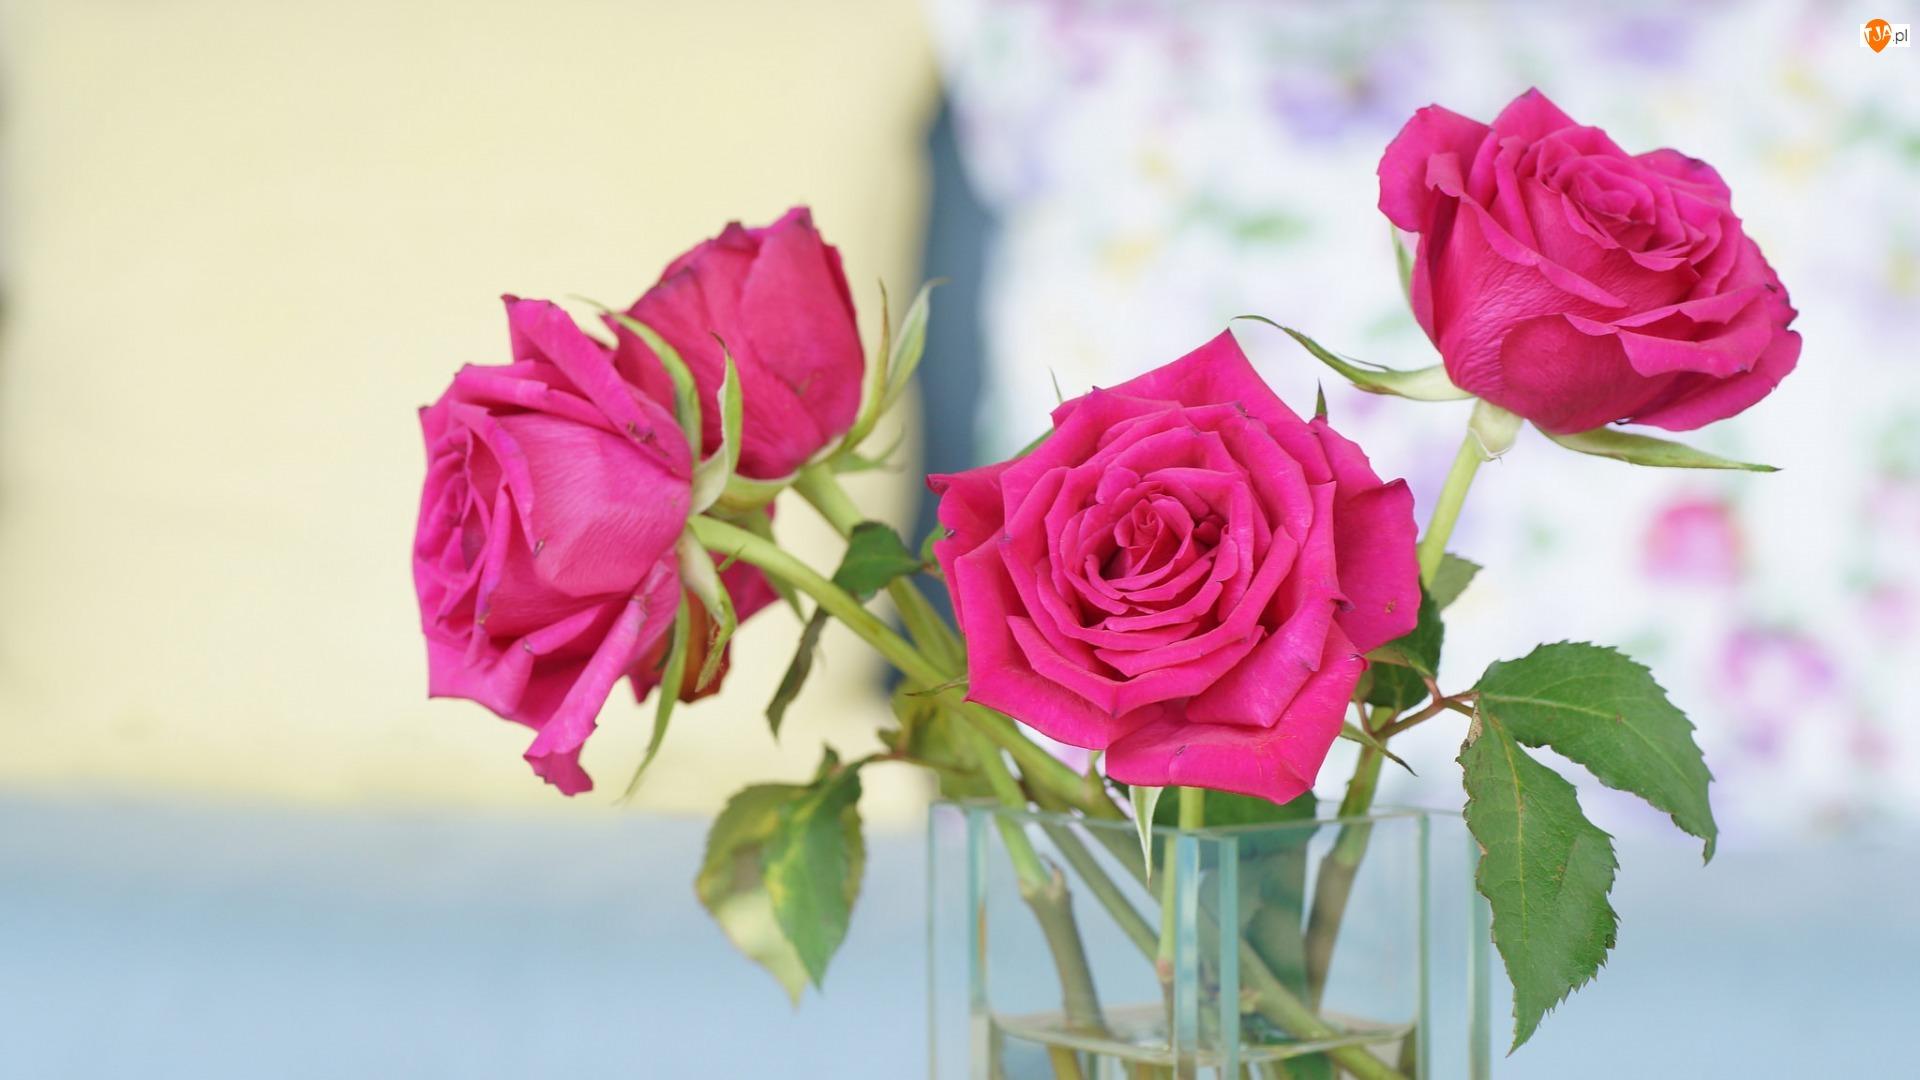 Rozmyte, Szklany, Różowe, Cztery, Tło, Róże, Wazon